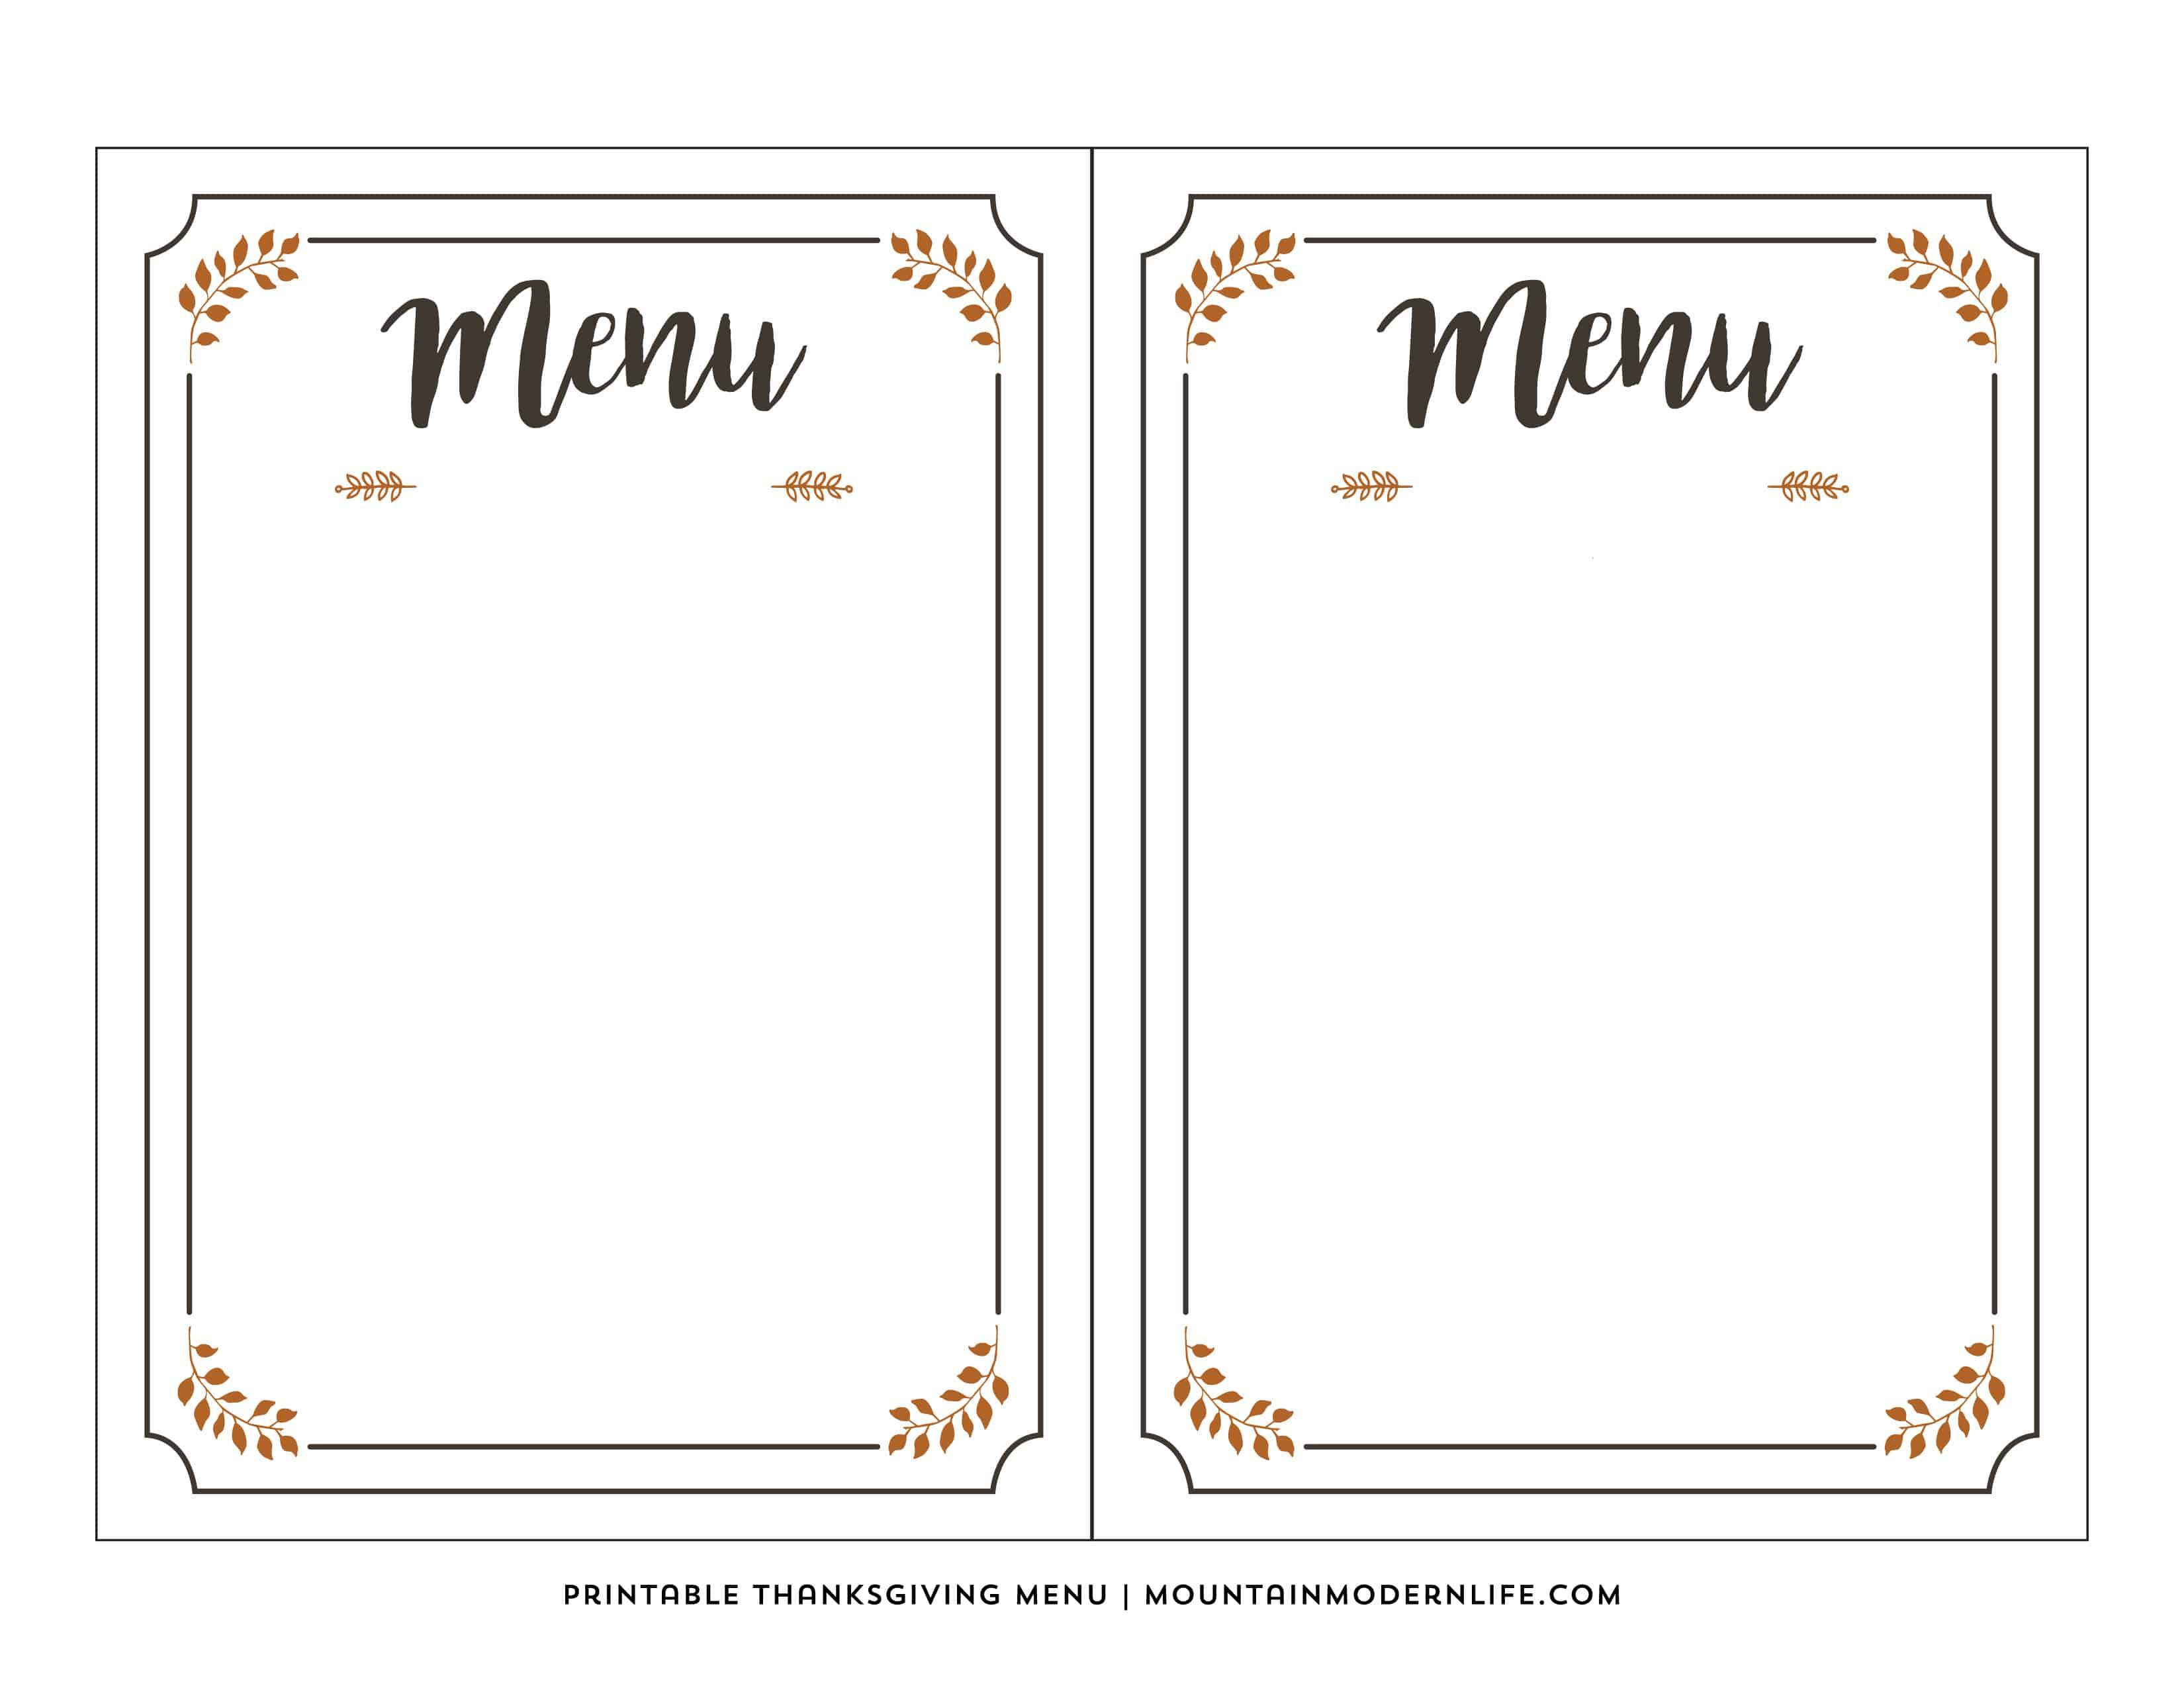 Free Printable Thanksgiving Menu   Mountainmodernlife - Free Printable Menu